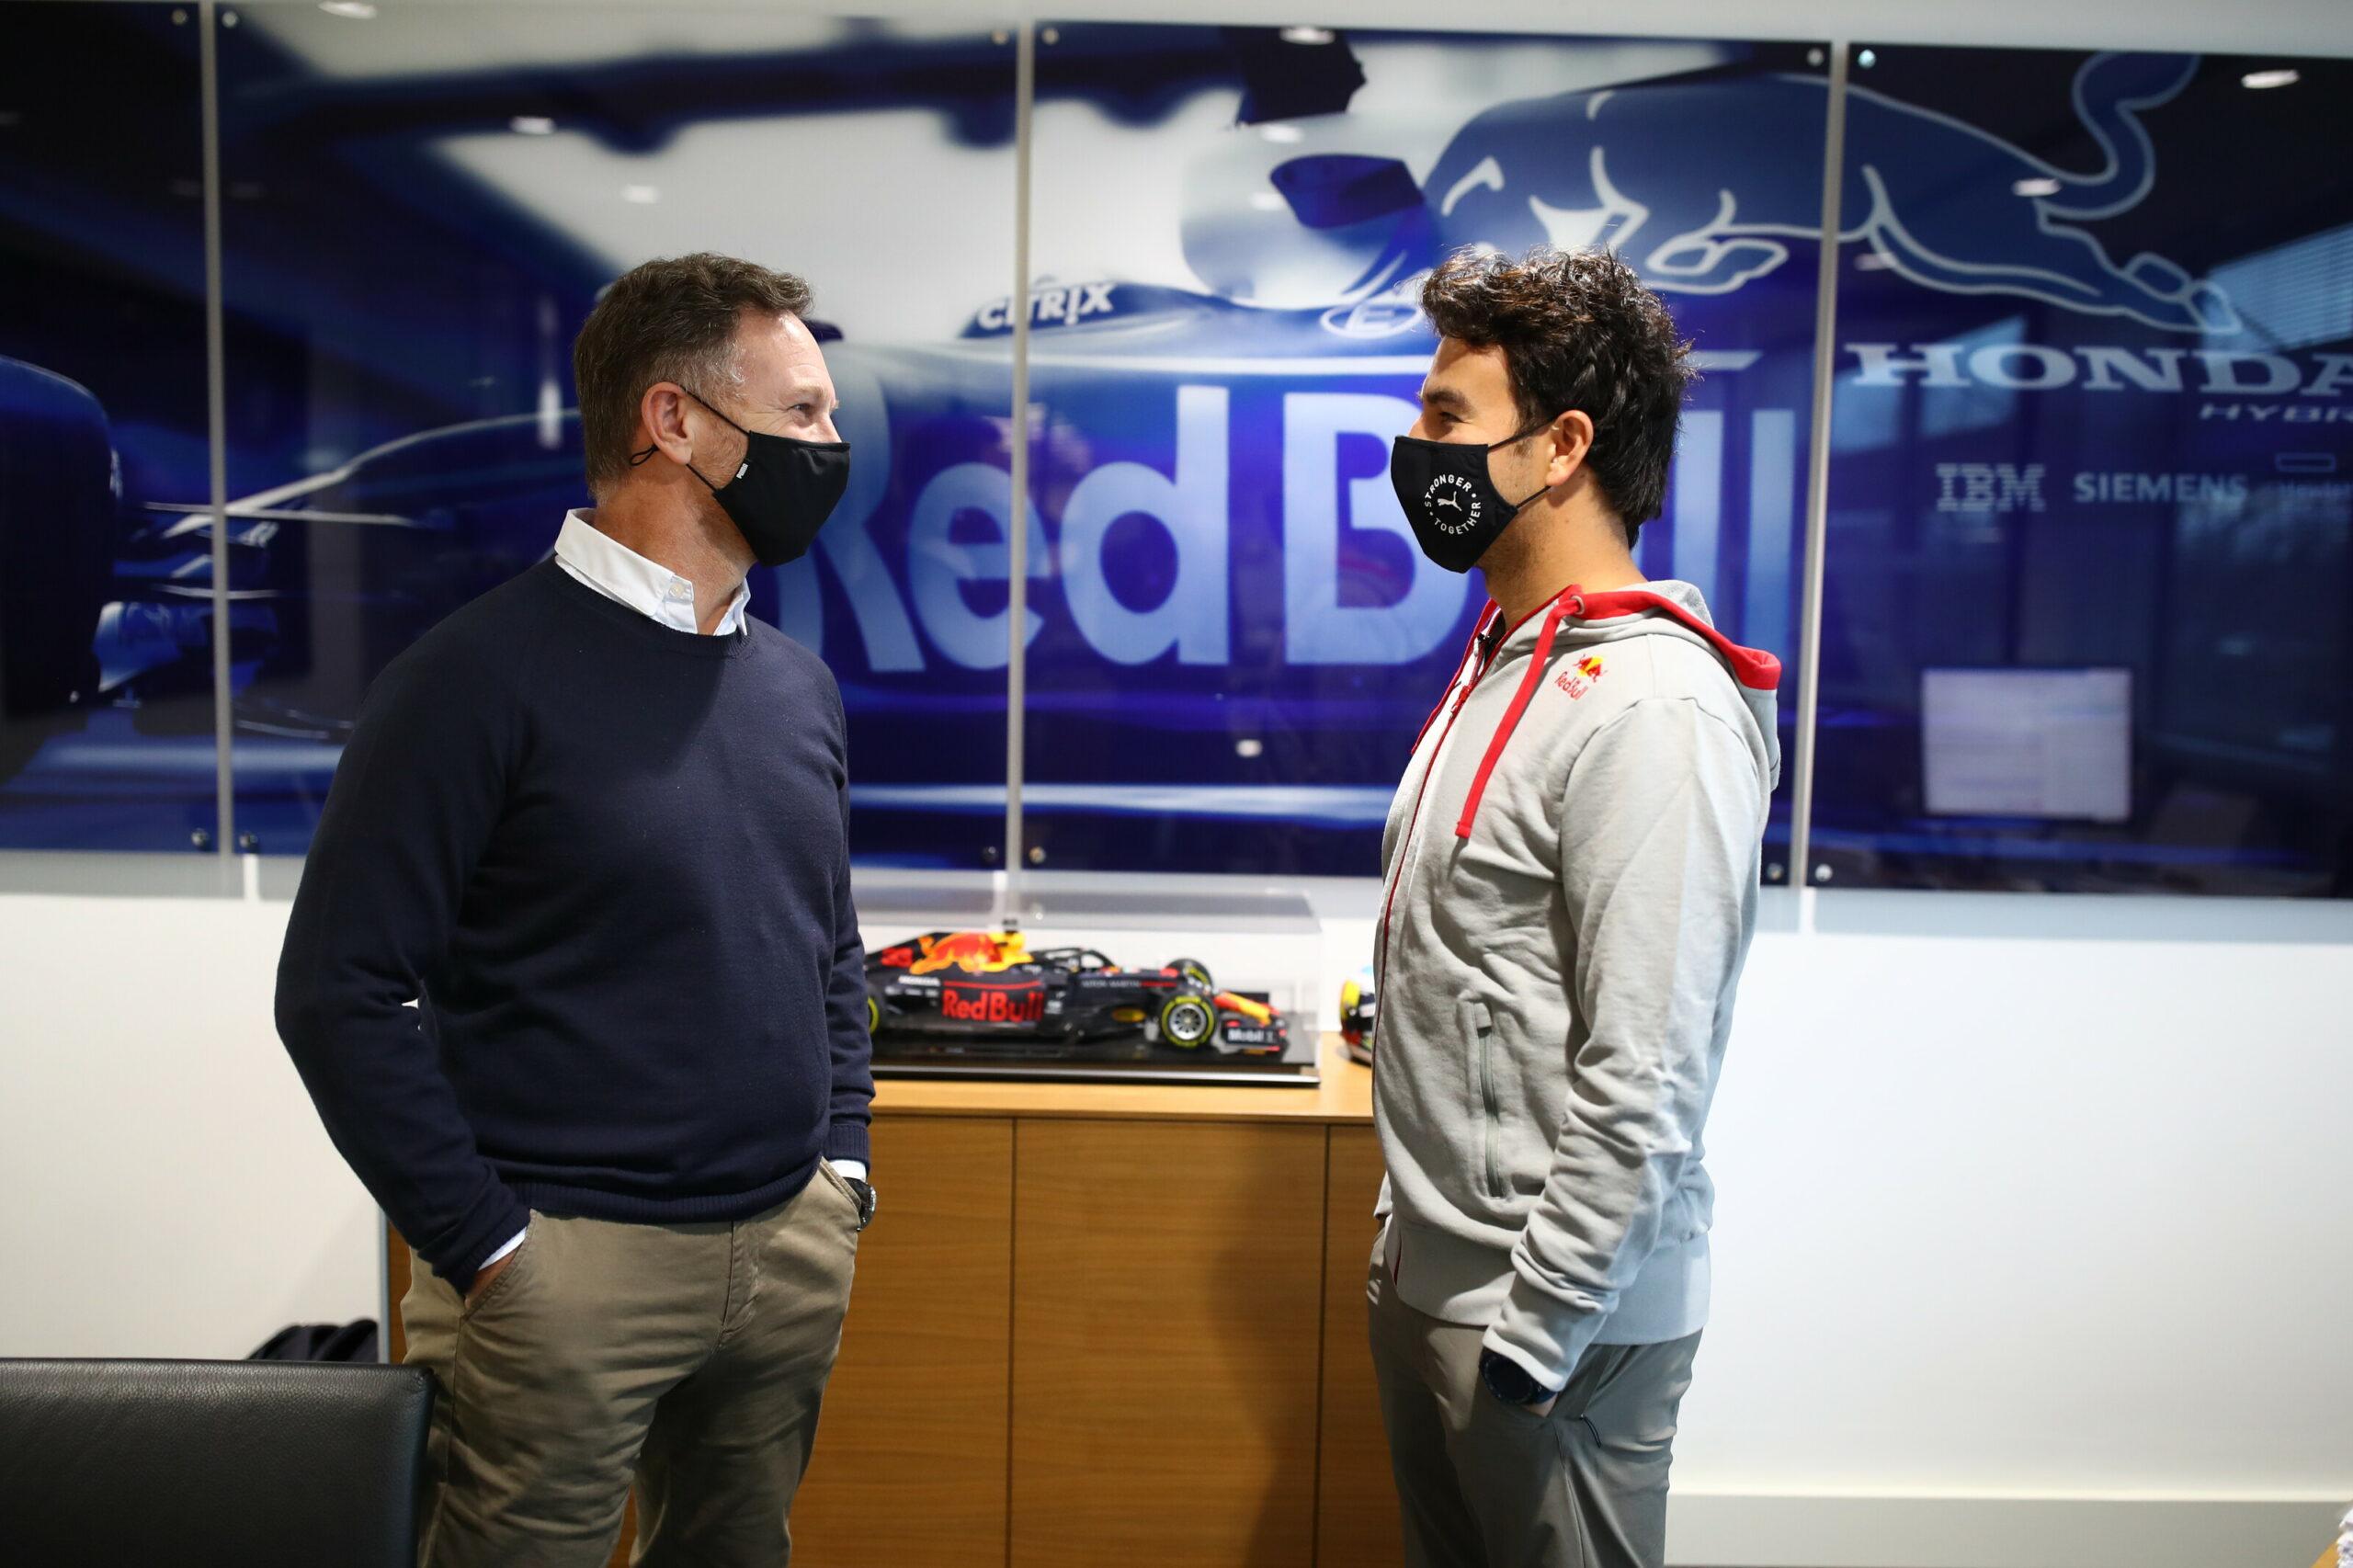 """F1 - Choisir Perez a été une décision """"adulte"""" de la part de Red Bull selon Horner"""